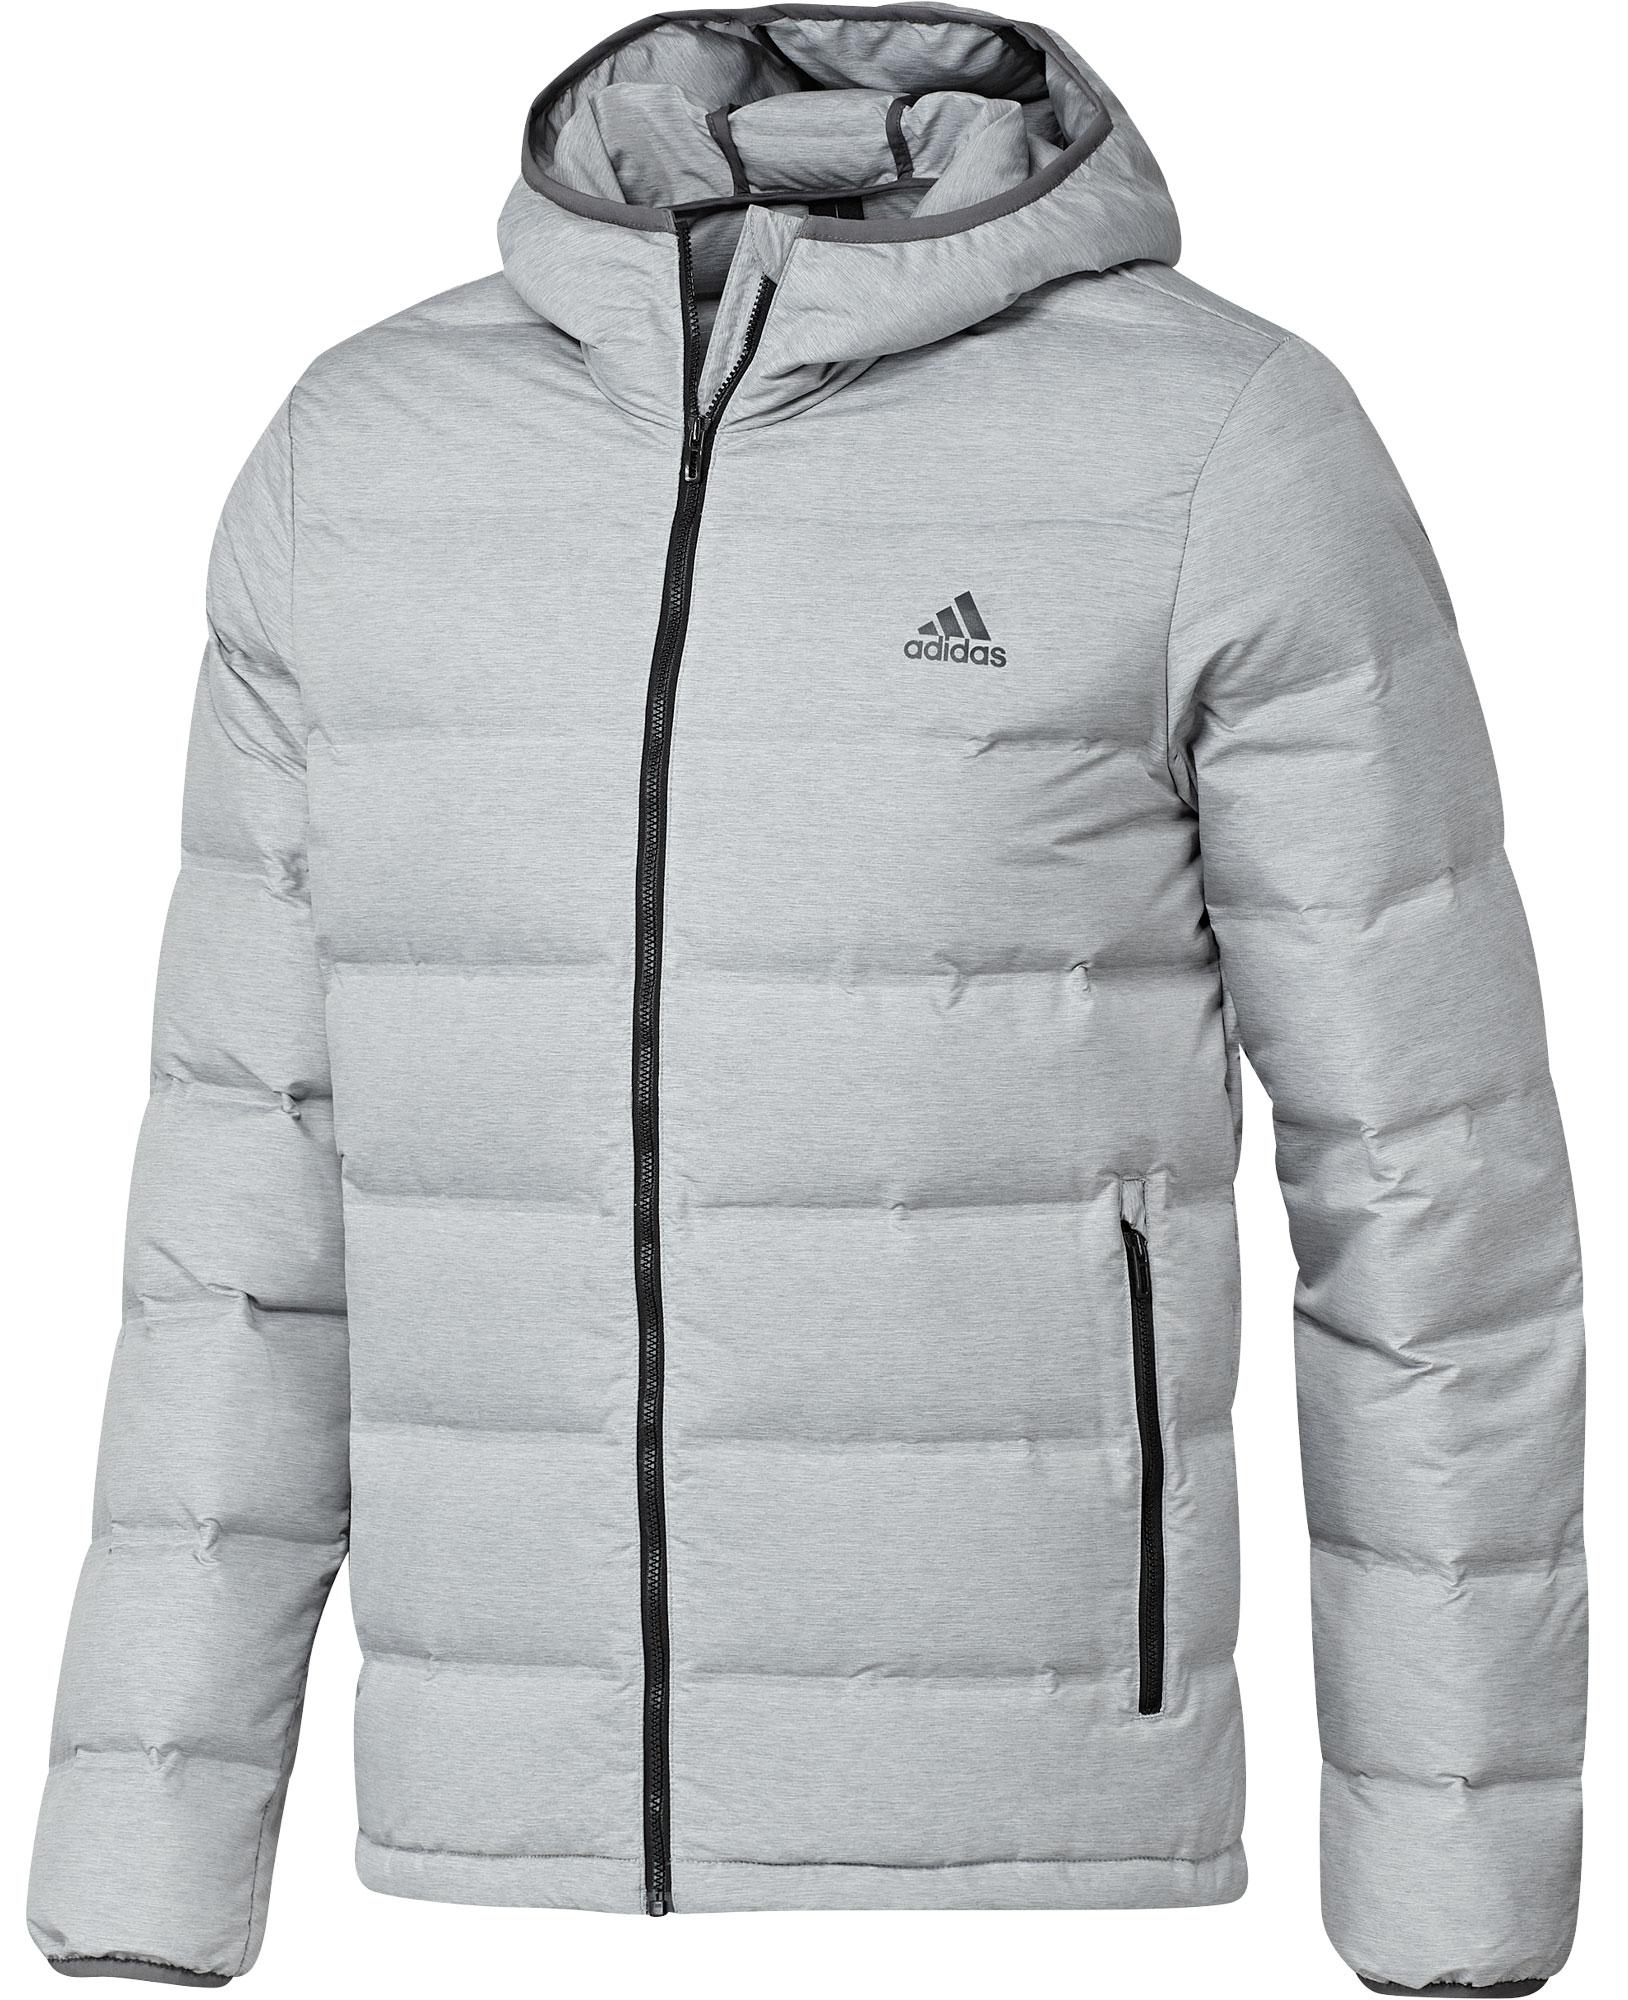 Olemme kokeilleet kymmentä Sportamoren suosituinta talvitakkia, jotta löytäisit itsellesi sopivan mallin. Täältä löydät naisten ja miesten takkien voittajat!